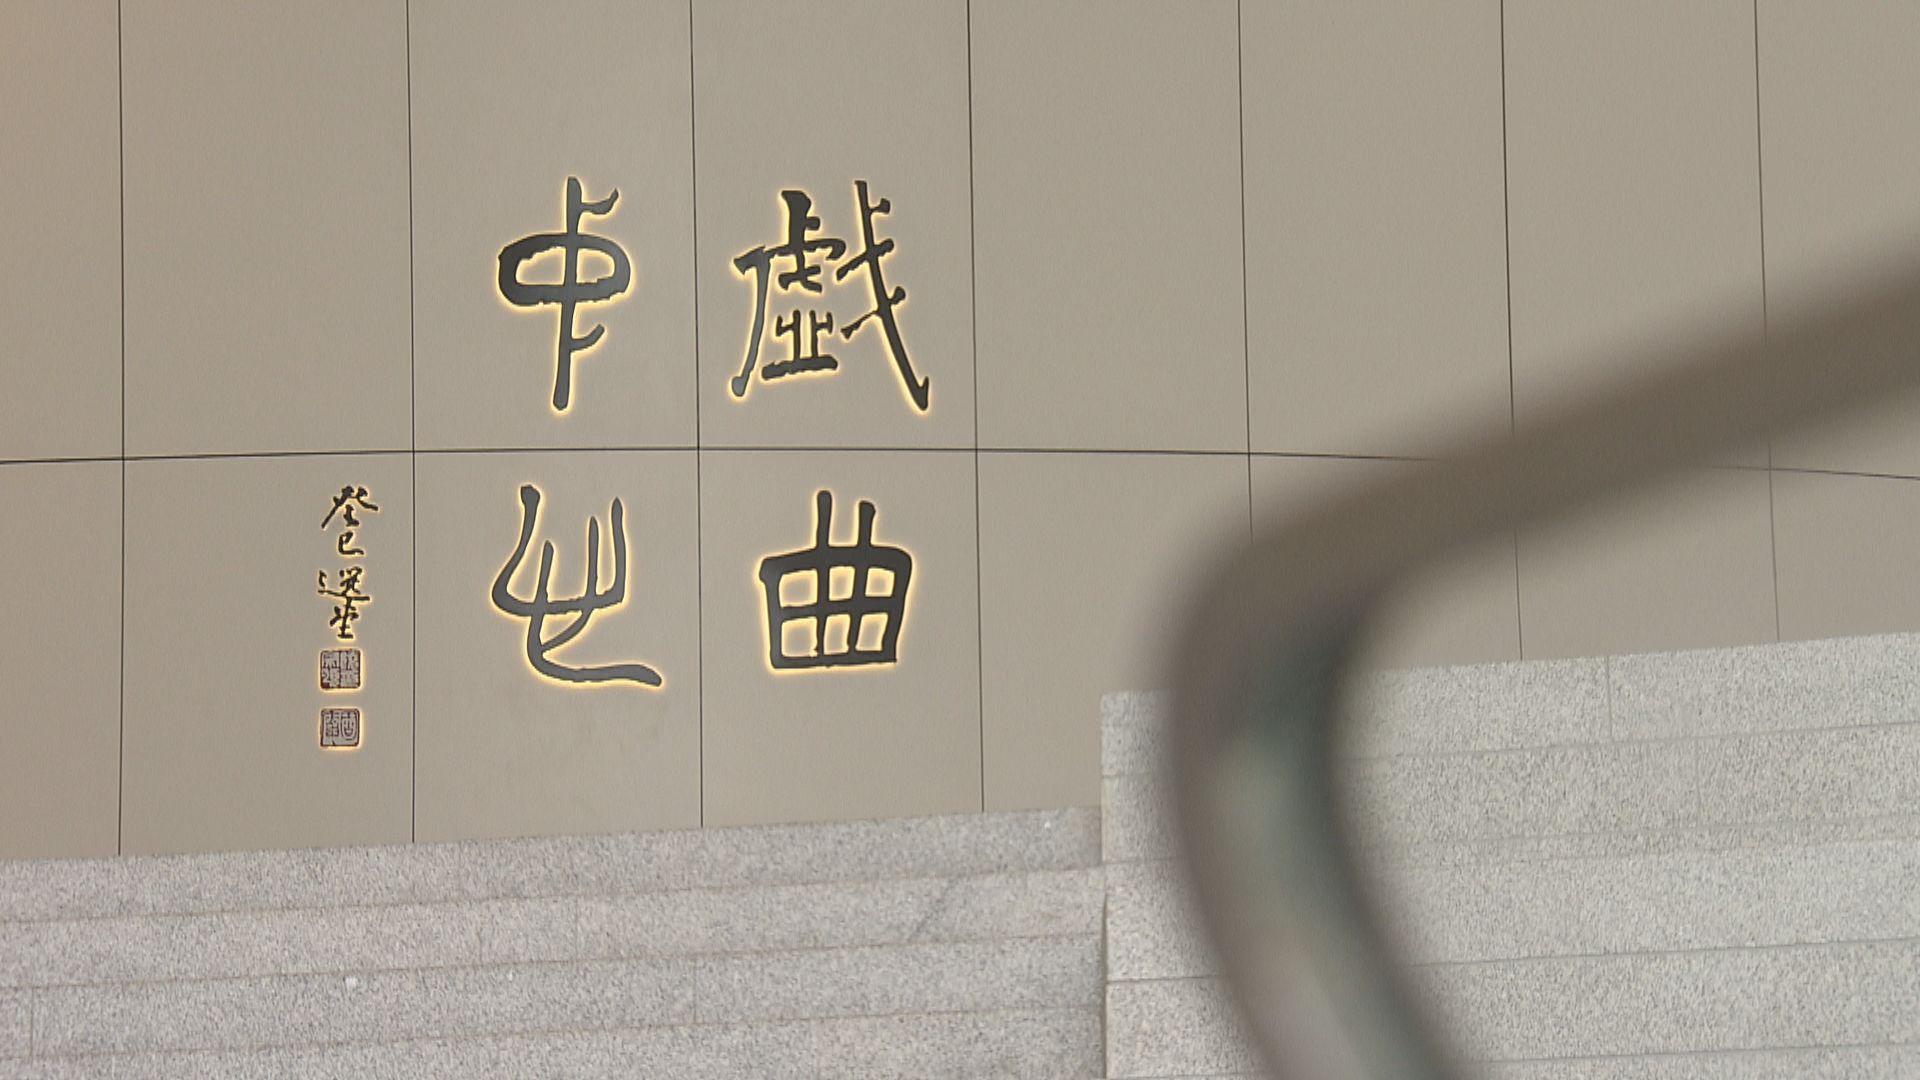 西九文化區未來三年赤字達39億元